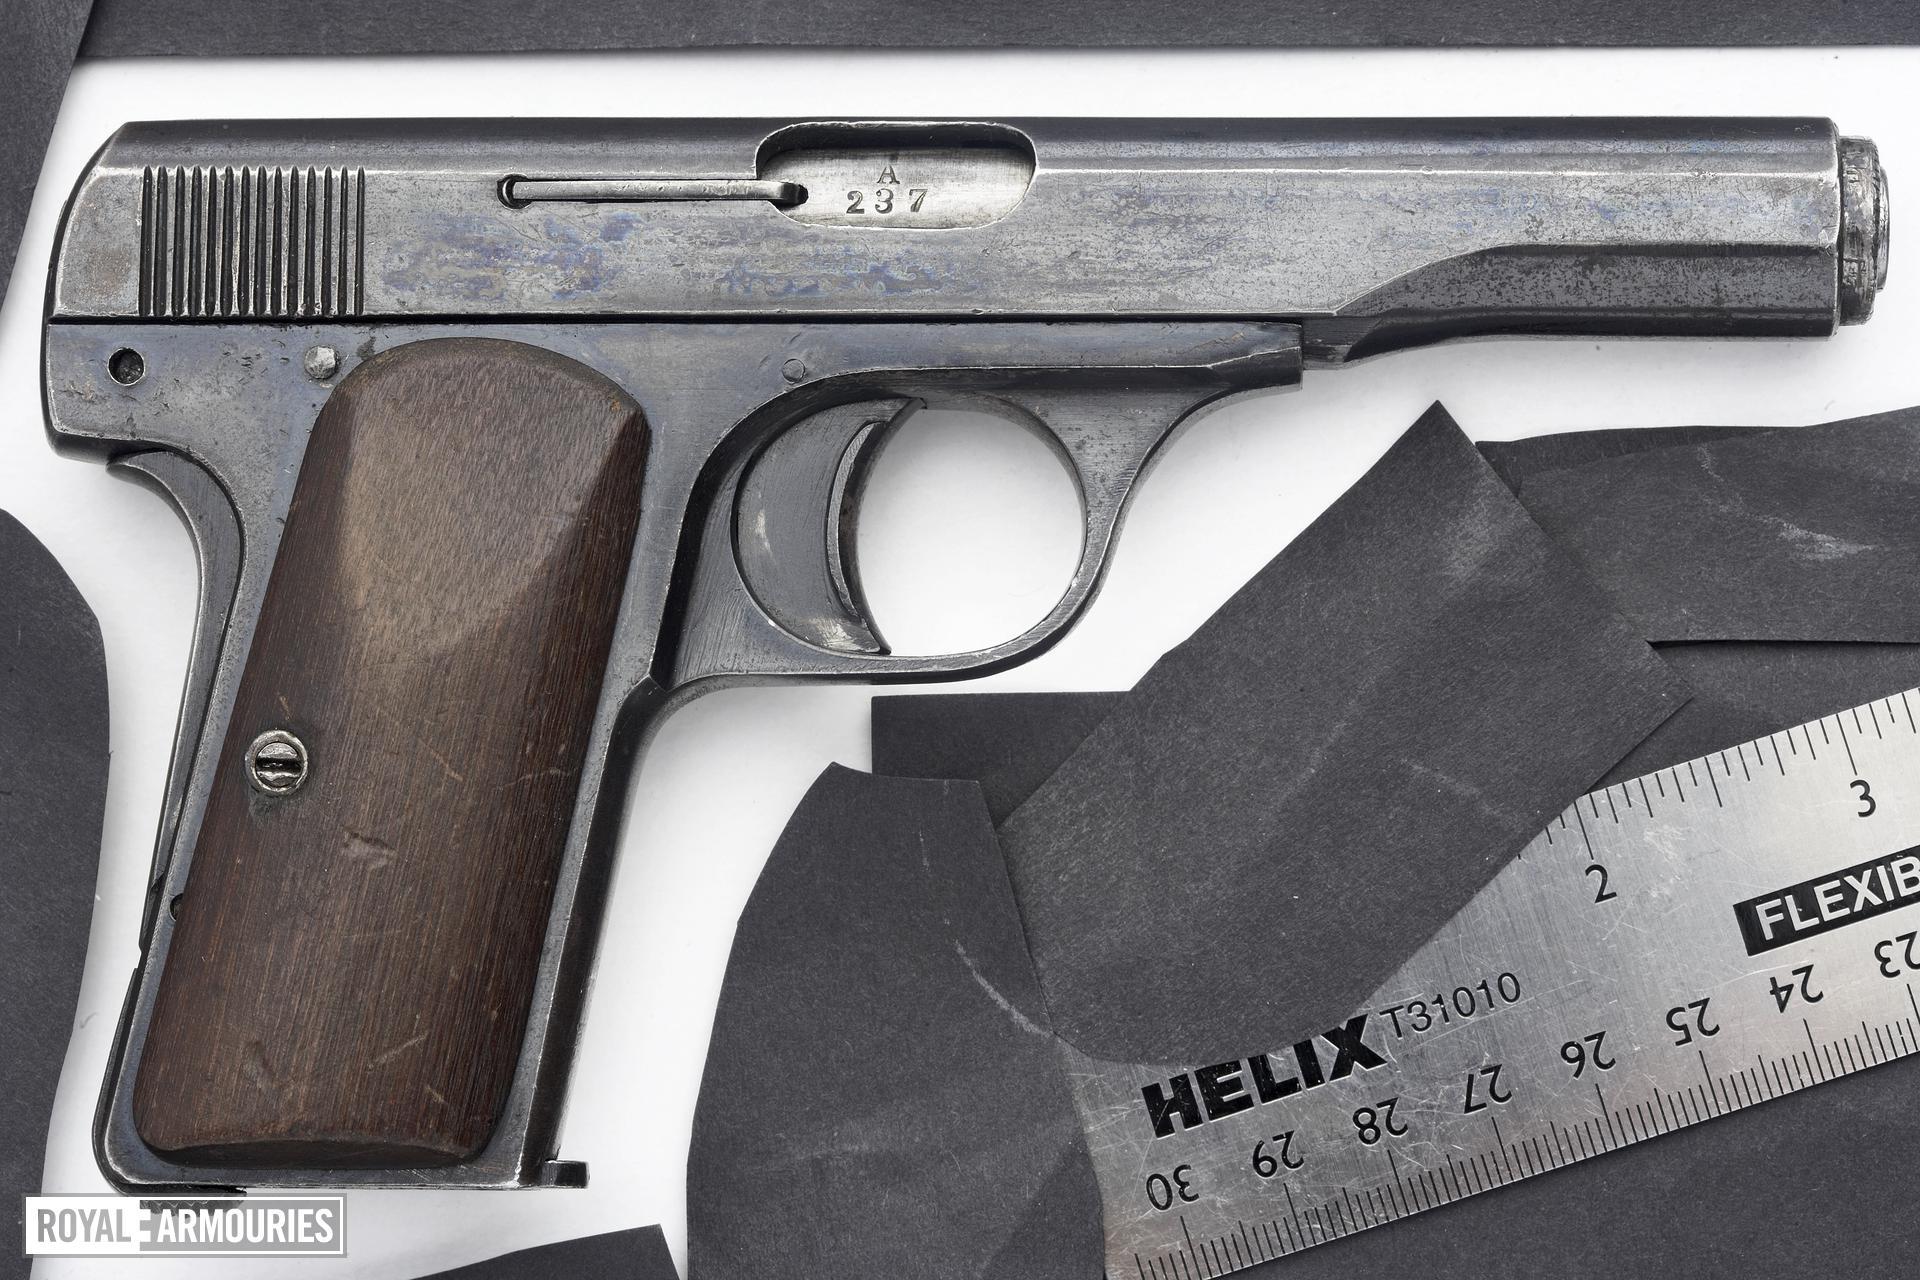 Centrefire self-loading pistol - Ahlberg